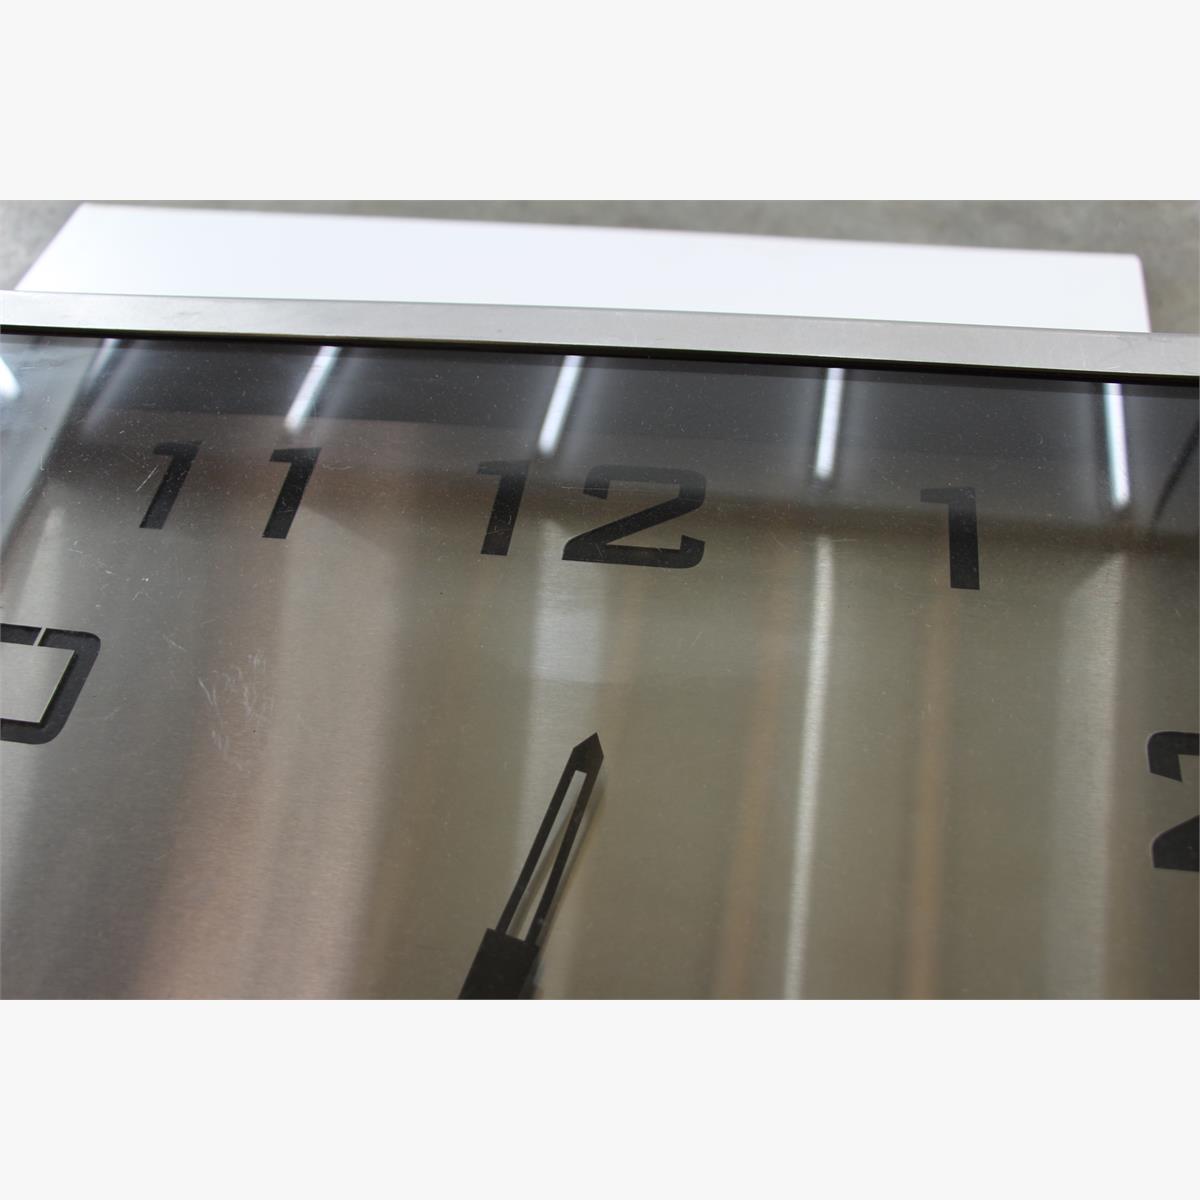 Afbeeldingen van design tafelklok rvs inox